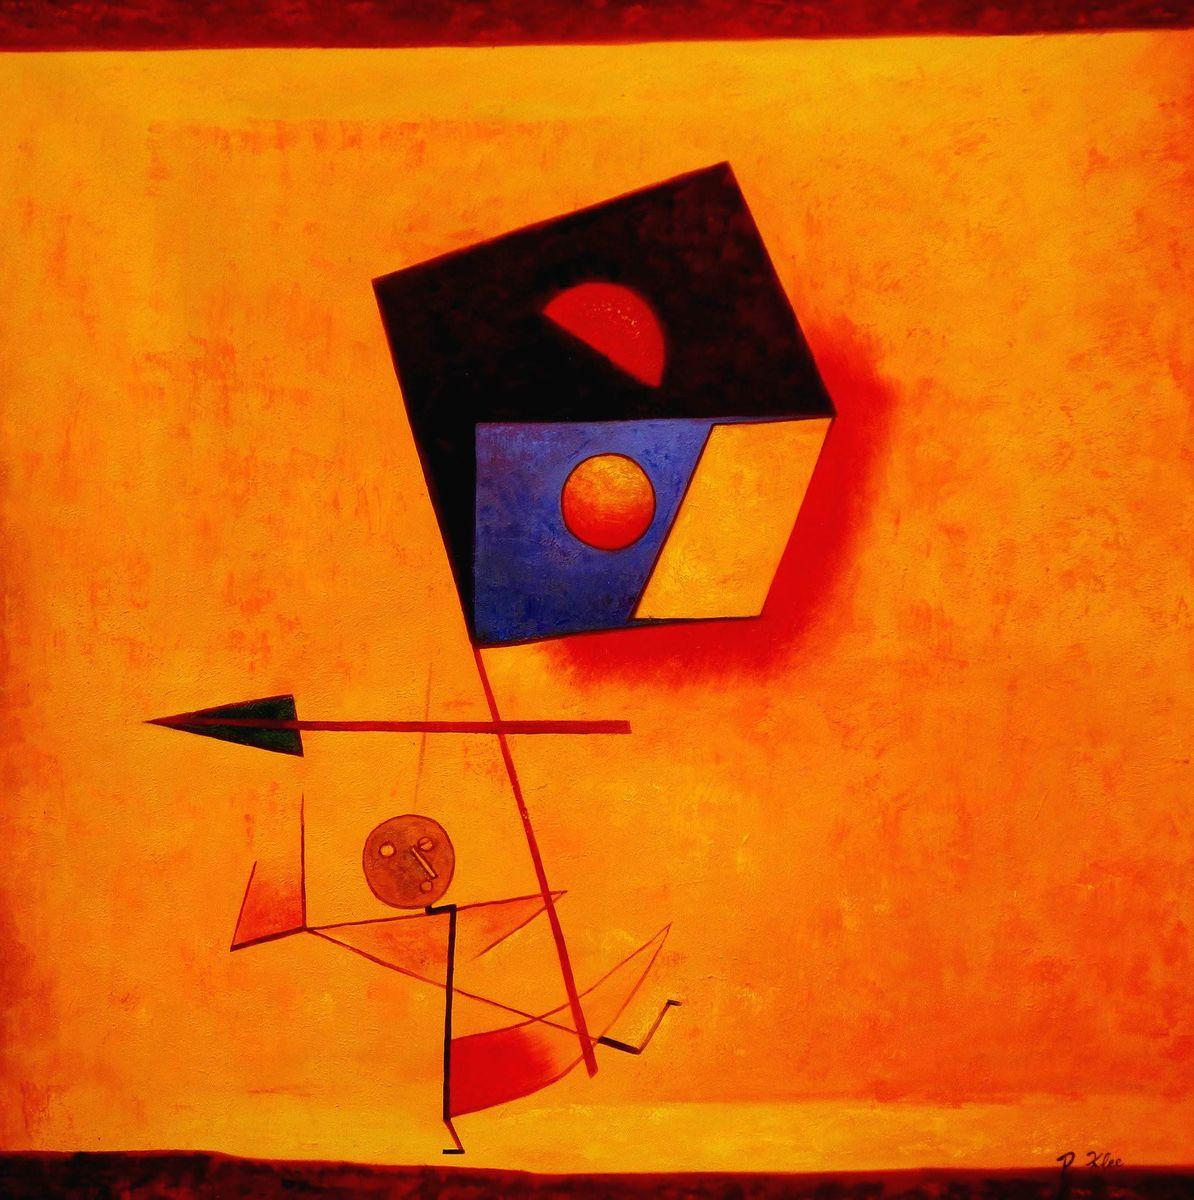 Paul Klee - Conqueror m96098 120x120cm exquisites Ölgemälde